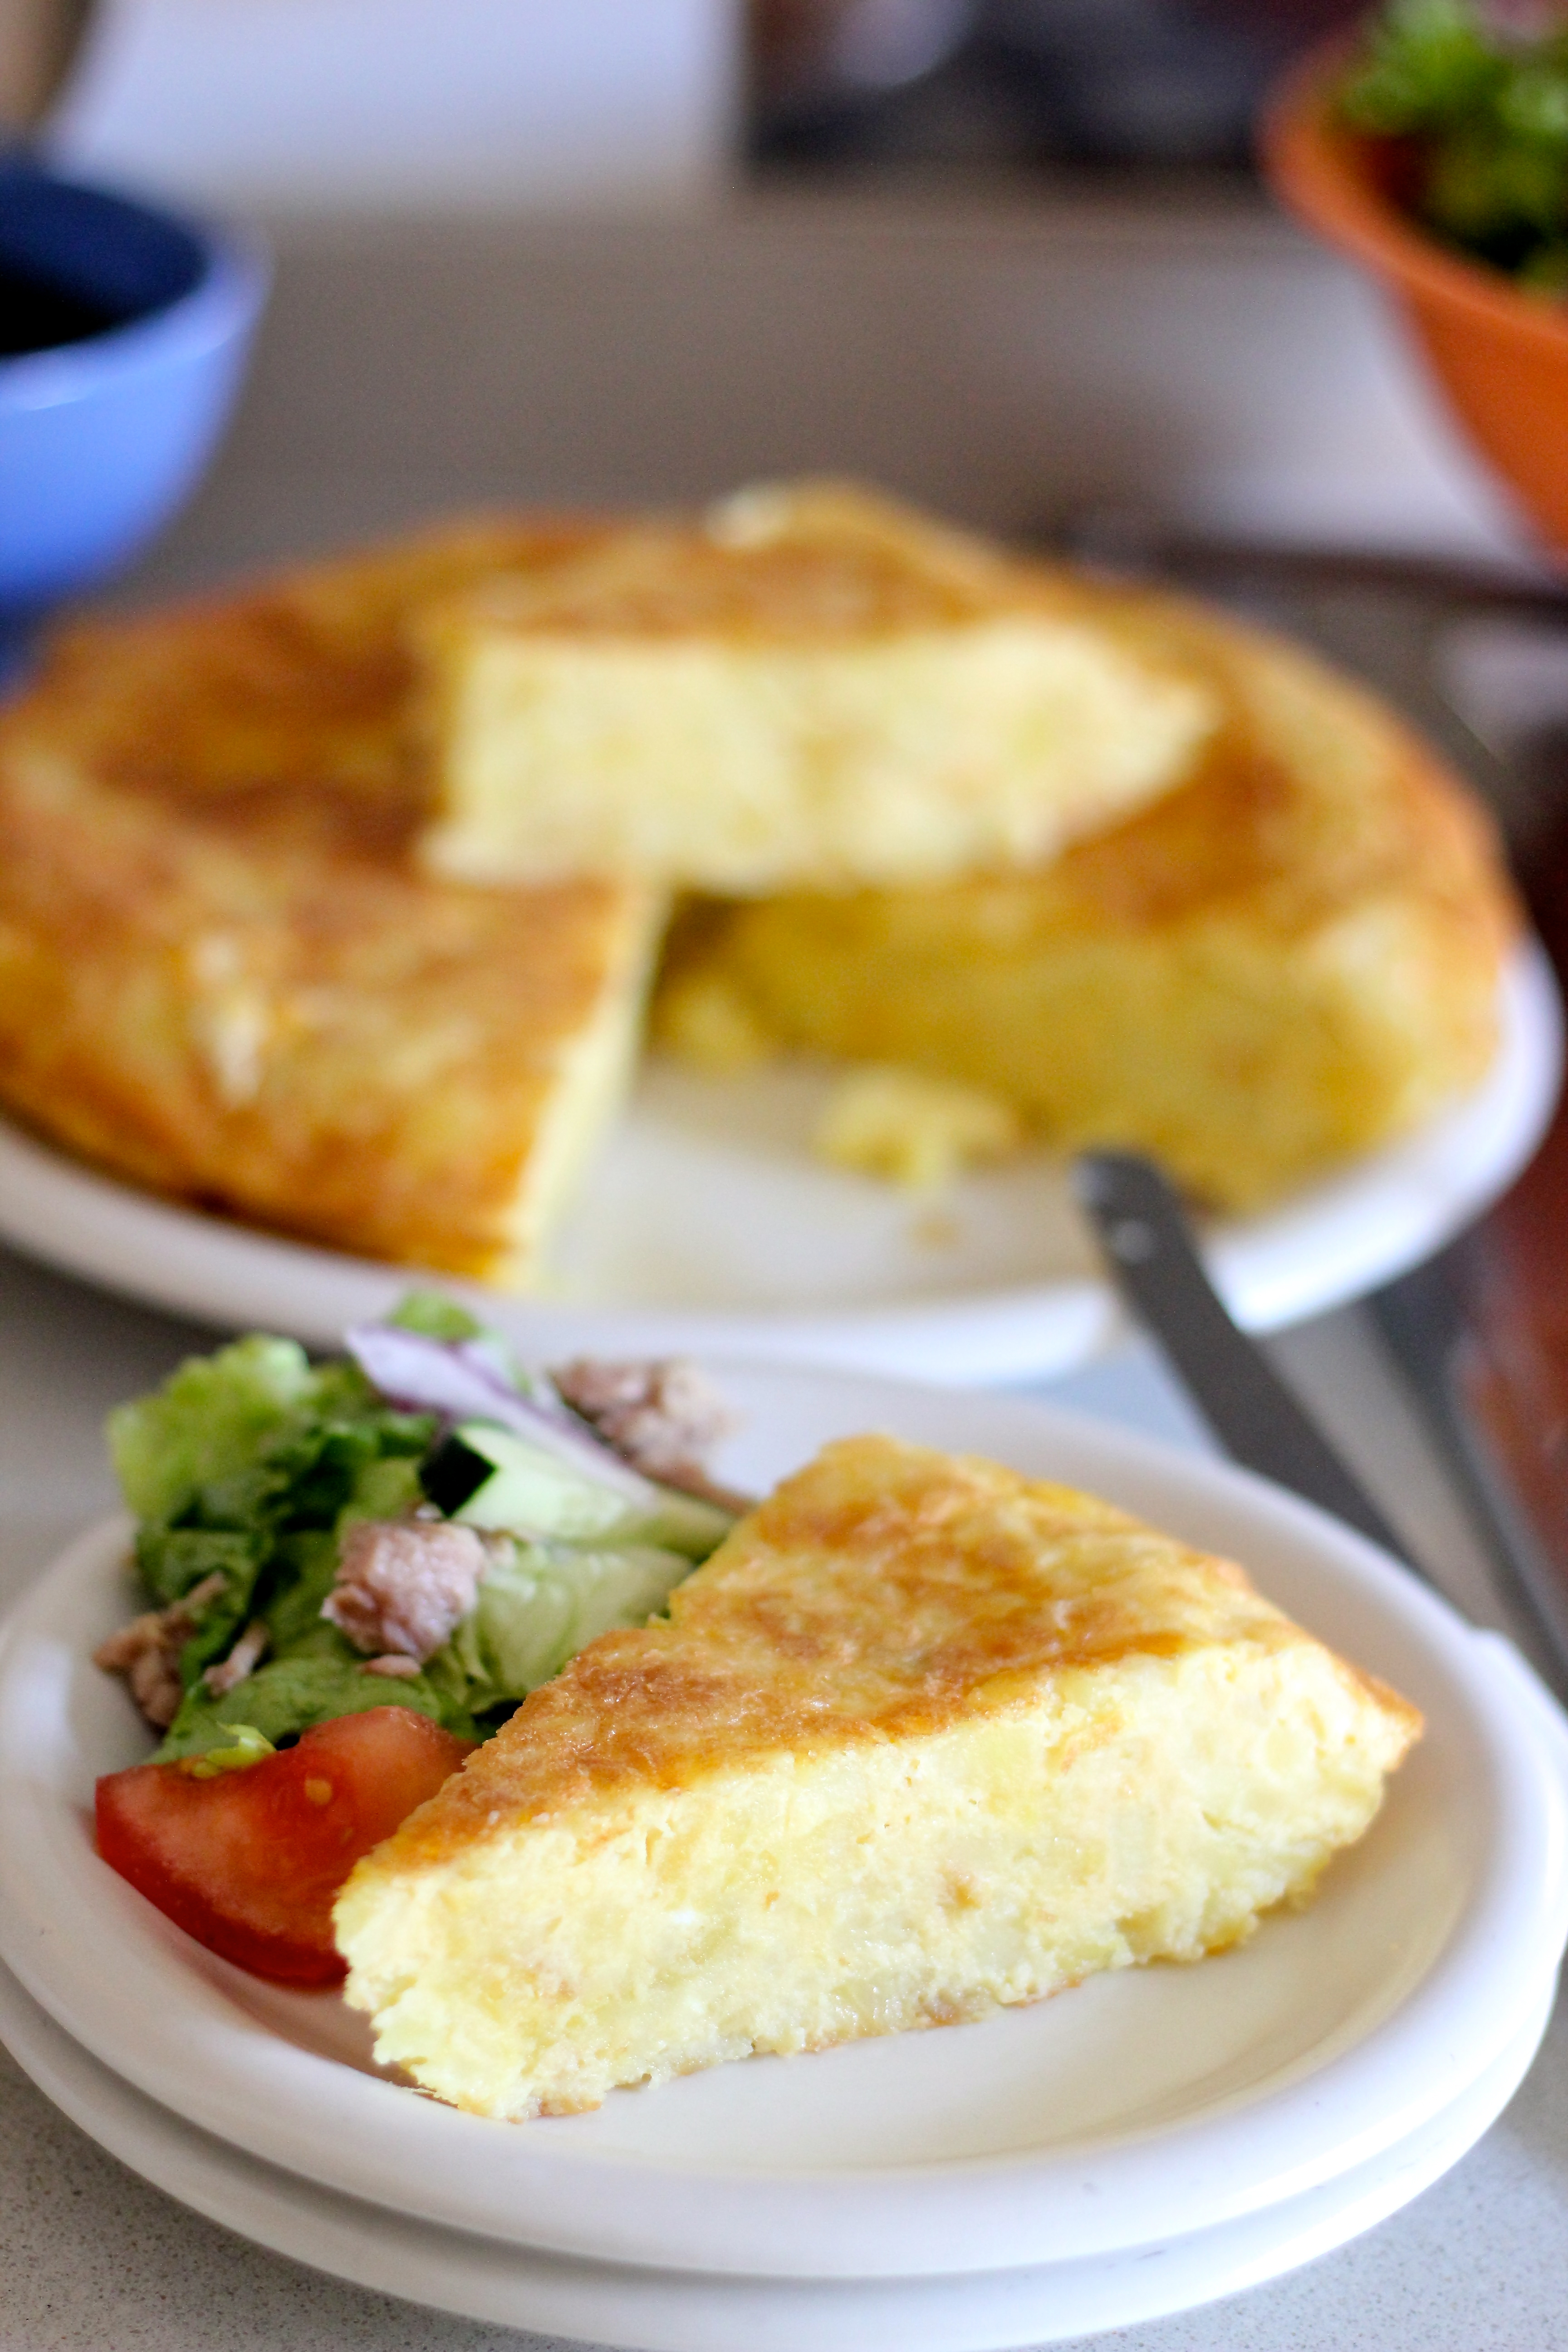 Tortilla De Patatas Recipe tortilla de patata (spanish omelette)